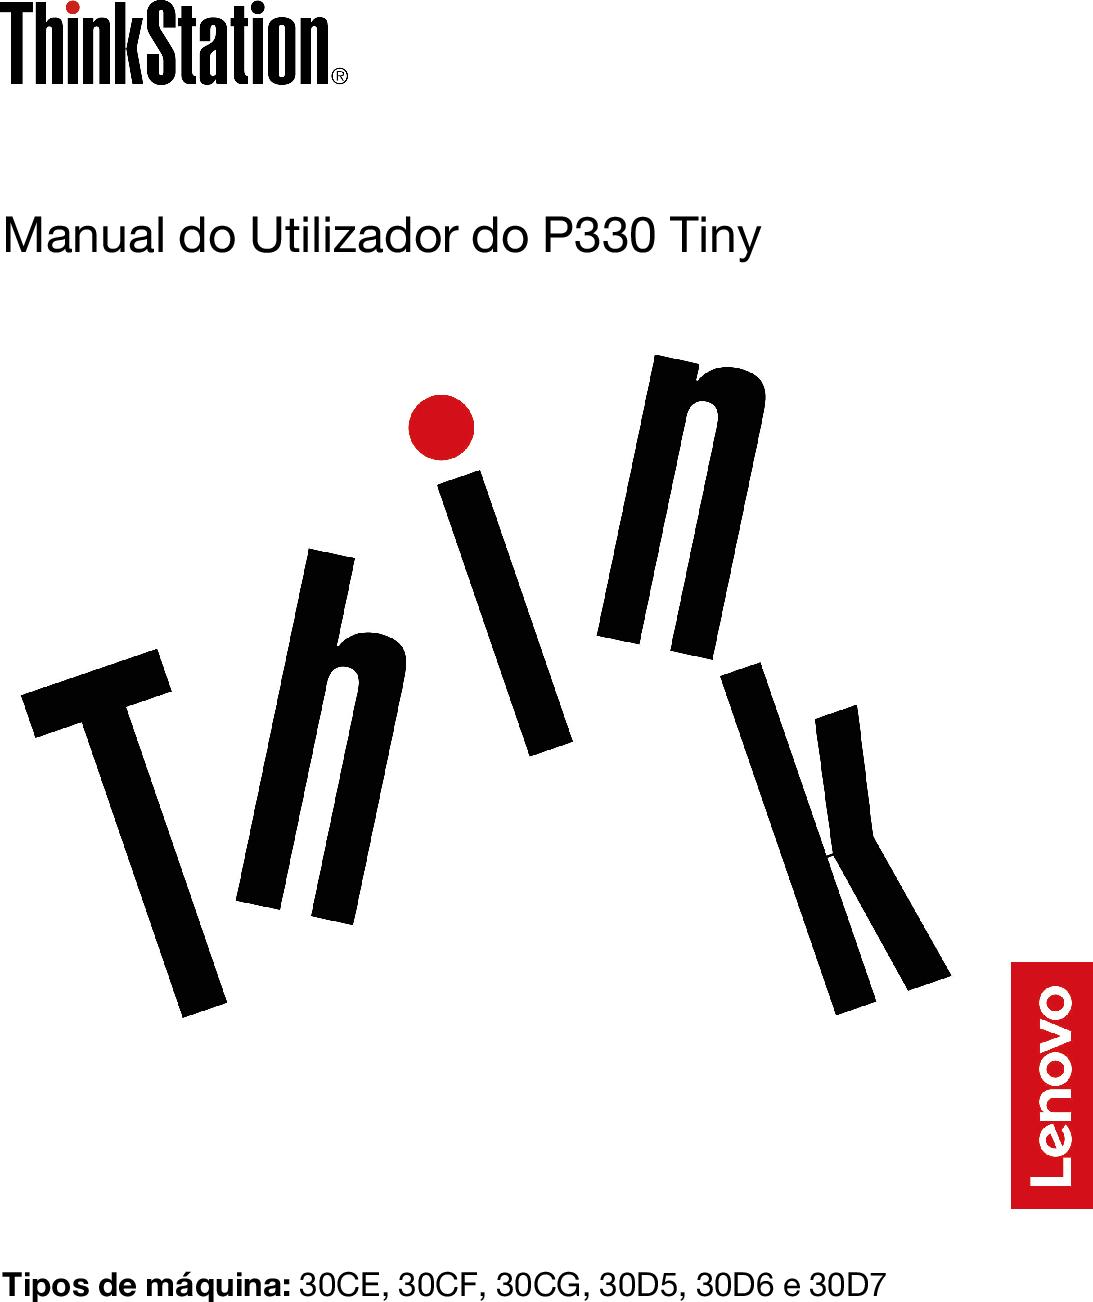 Lenovo Manual Do Utilizador P330 Tiny (Portuguese) User